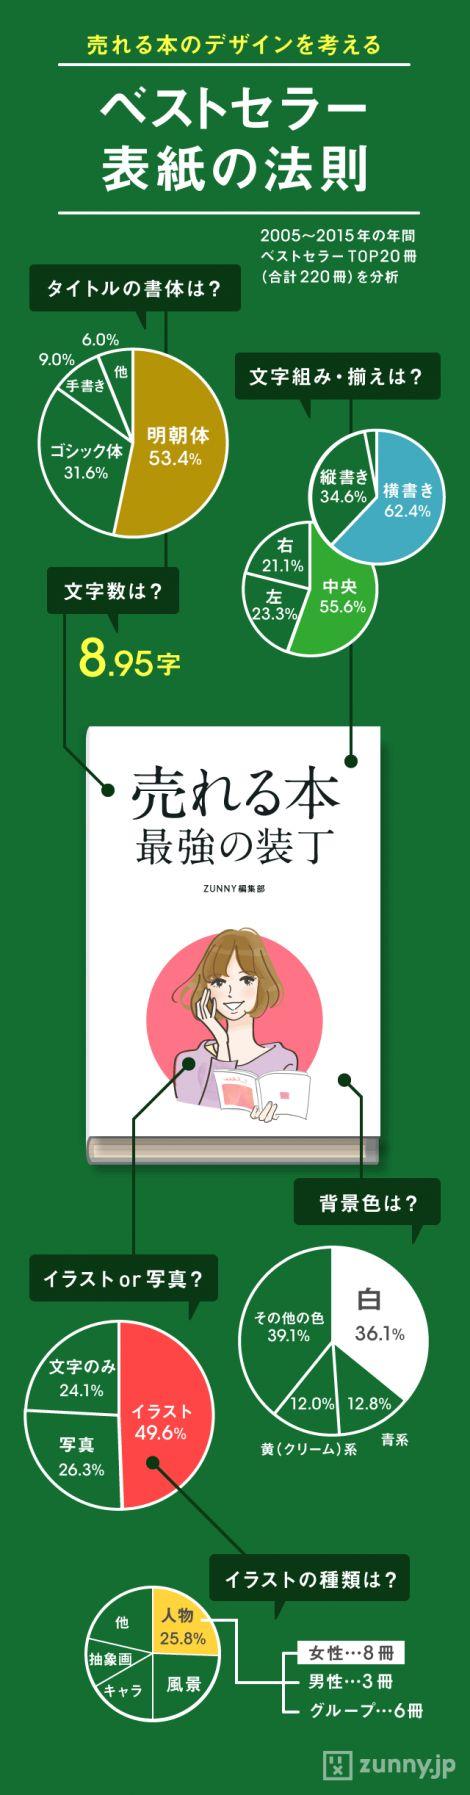 ベストセラーを分析! 売れる本の表紙デザイン | ZUNNY